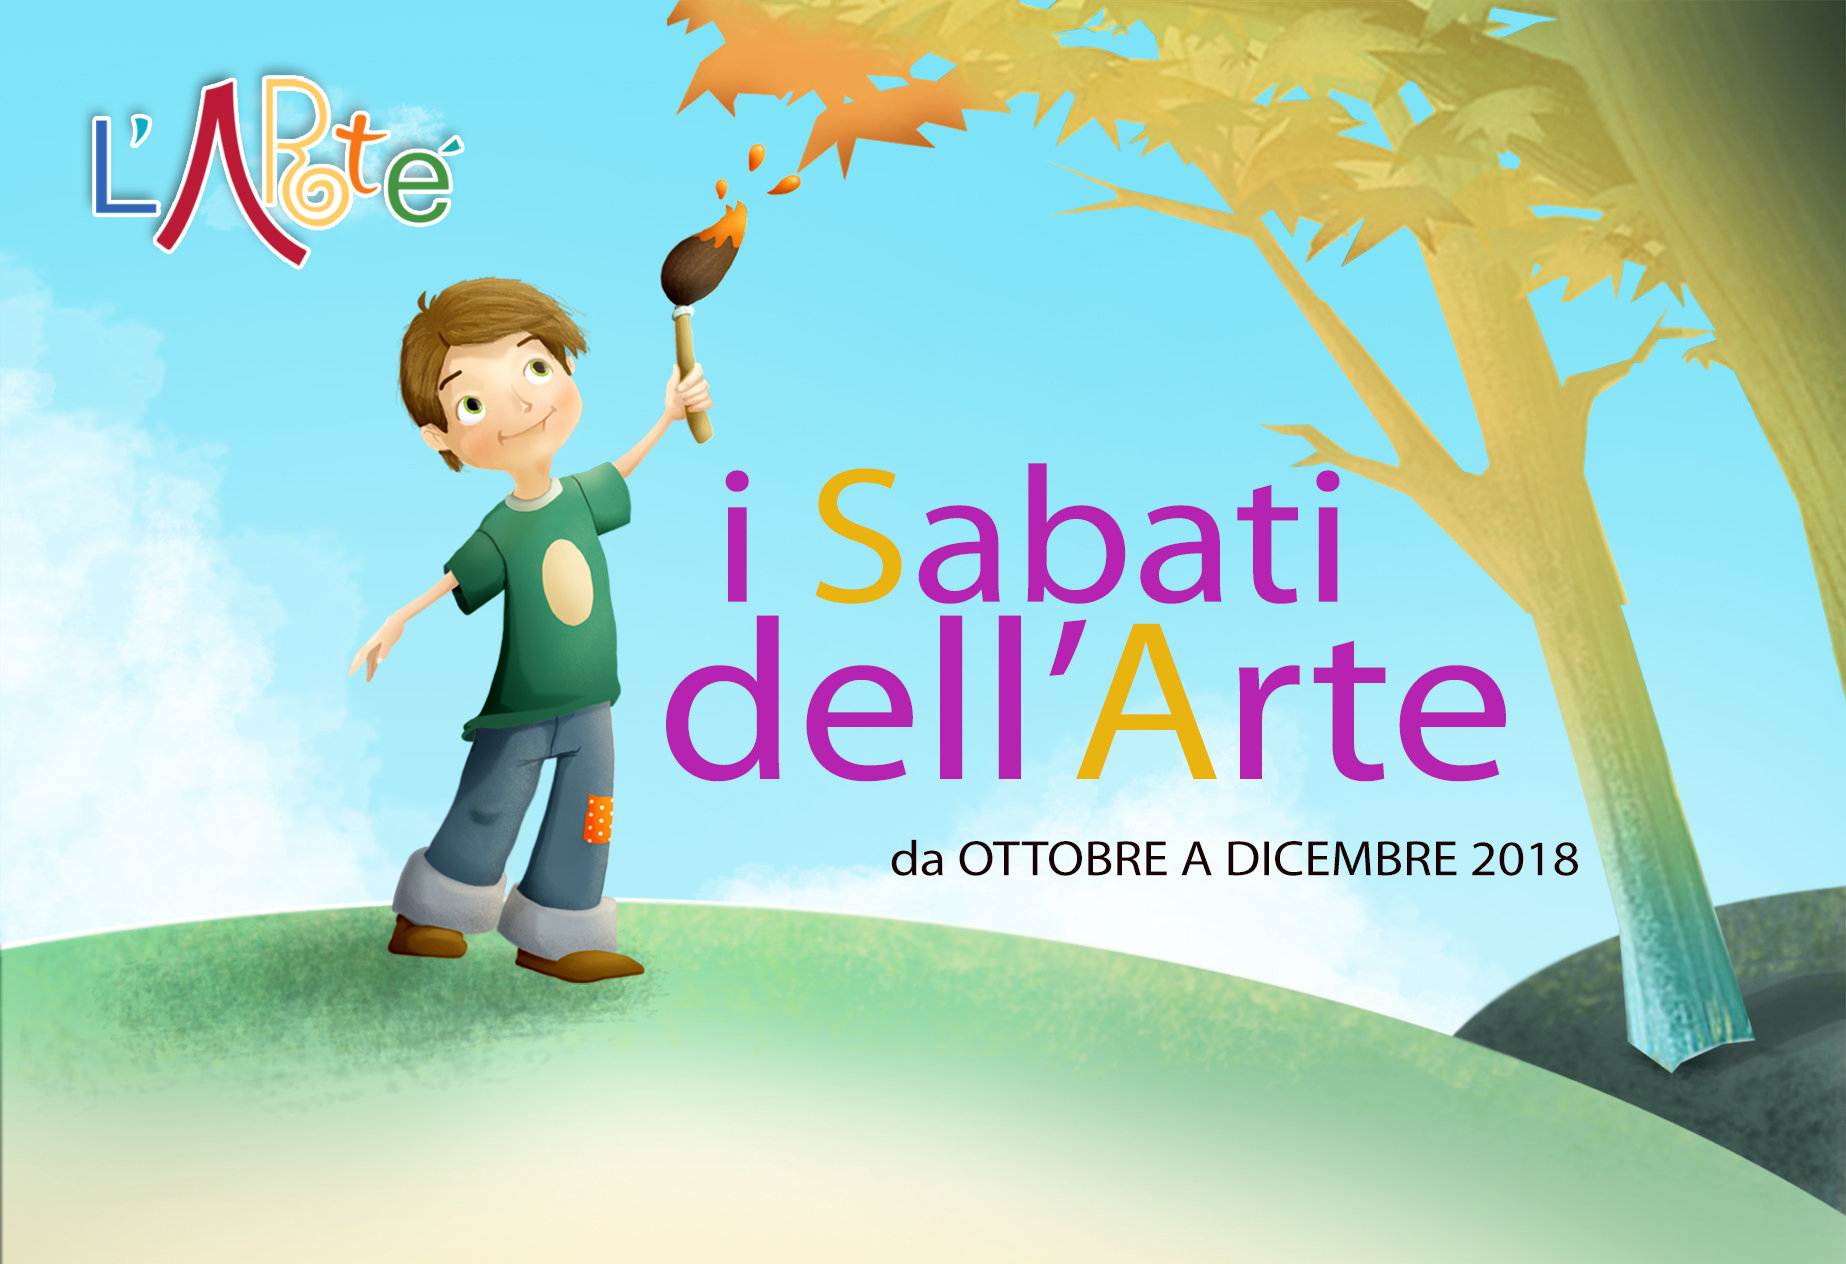 I Sabati Dell'Arte Autunno 2018